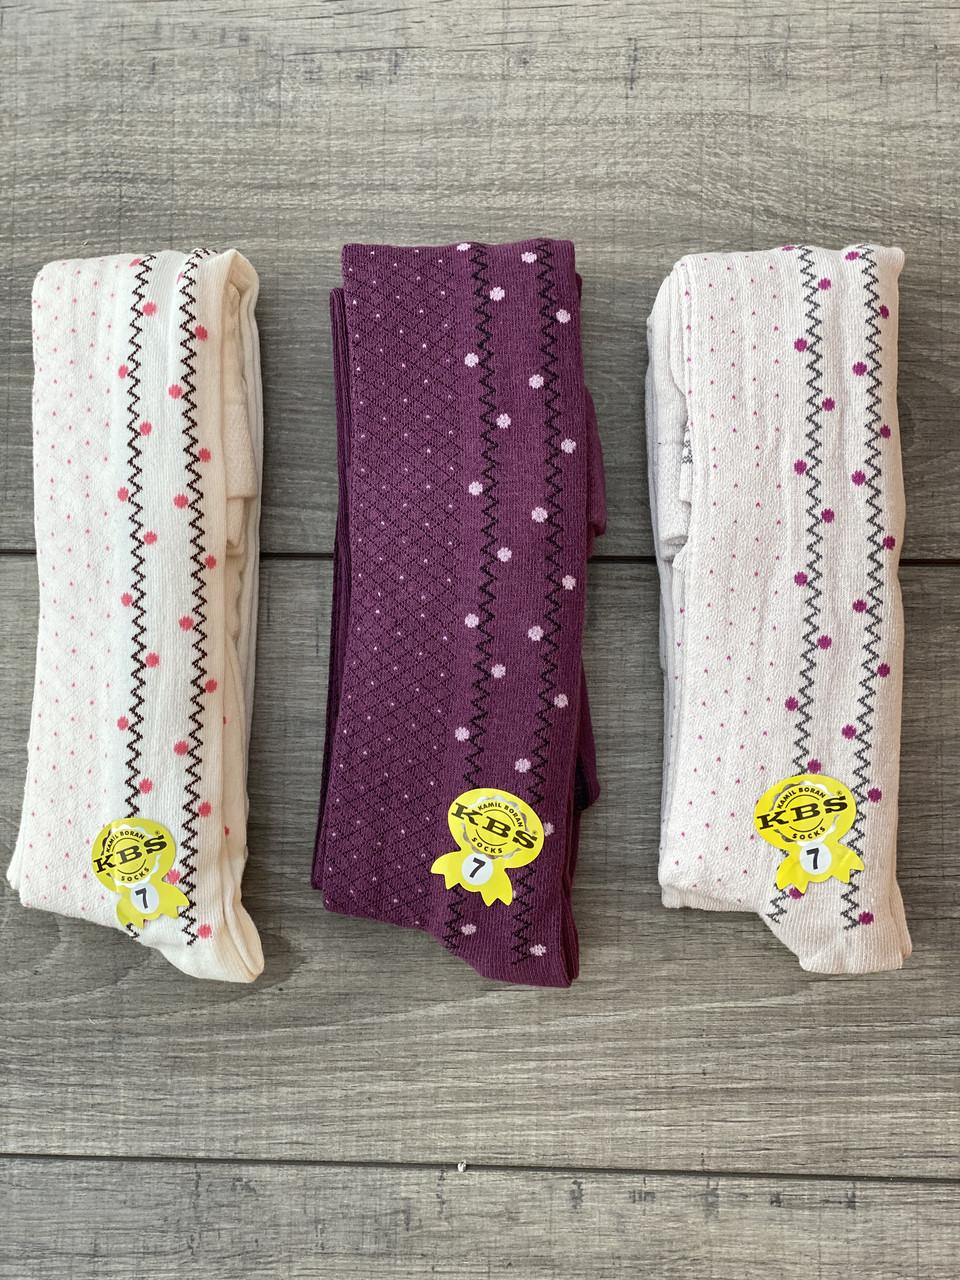 Дитячі колготи з принтом ялинка бавовна KBS для дівчаток 7 років 6 шт. в уп. мікс 3х кольорів